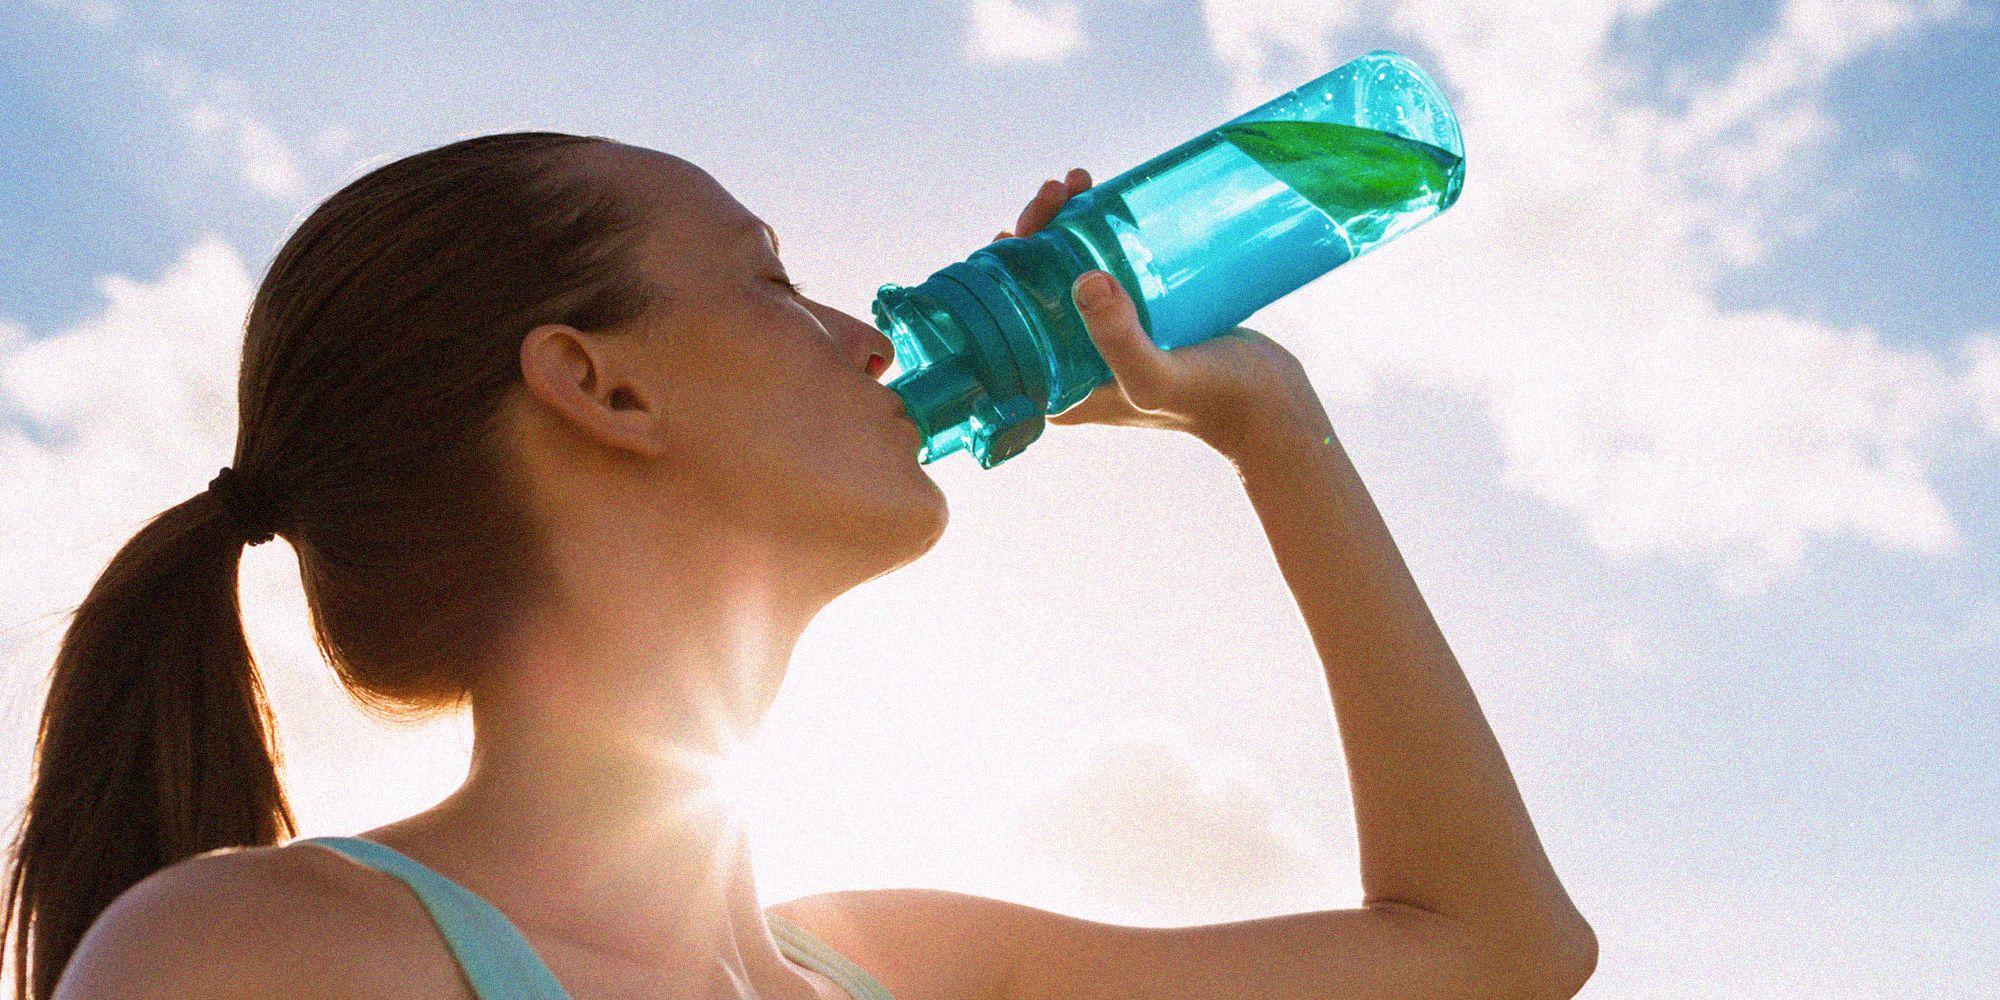 come sapere quanta acqua dovrei bere per perdere peso